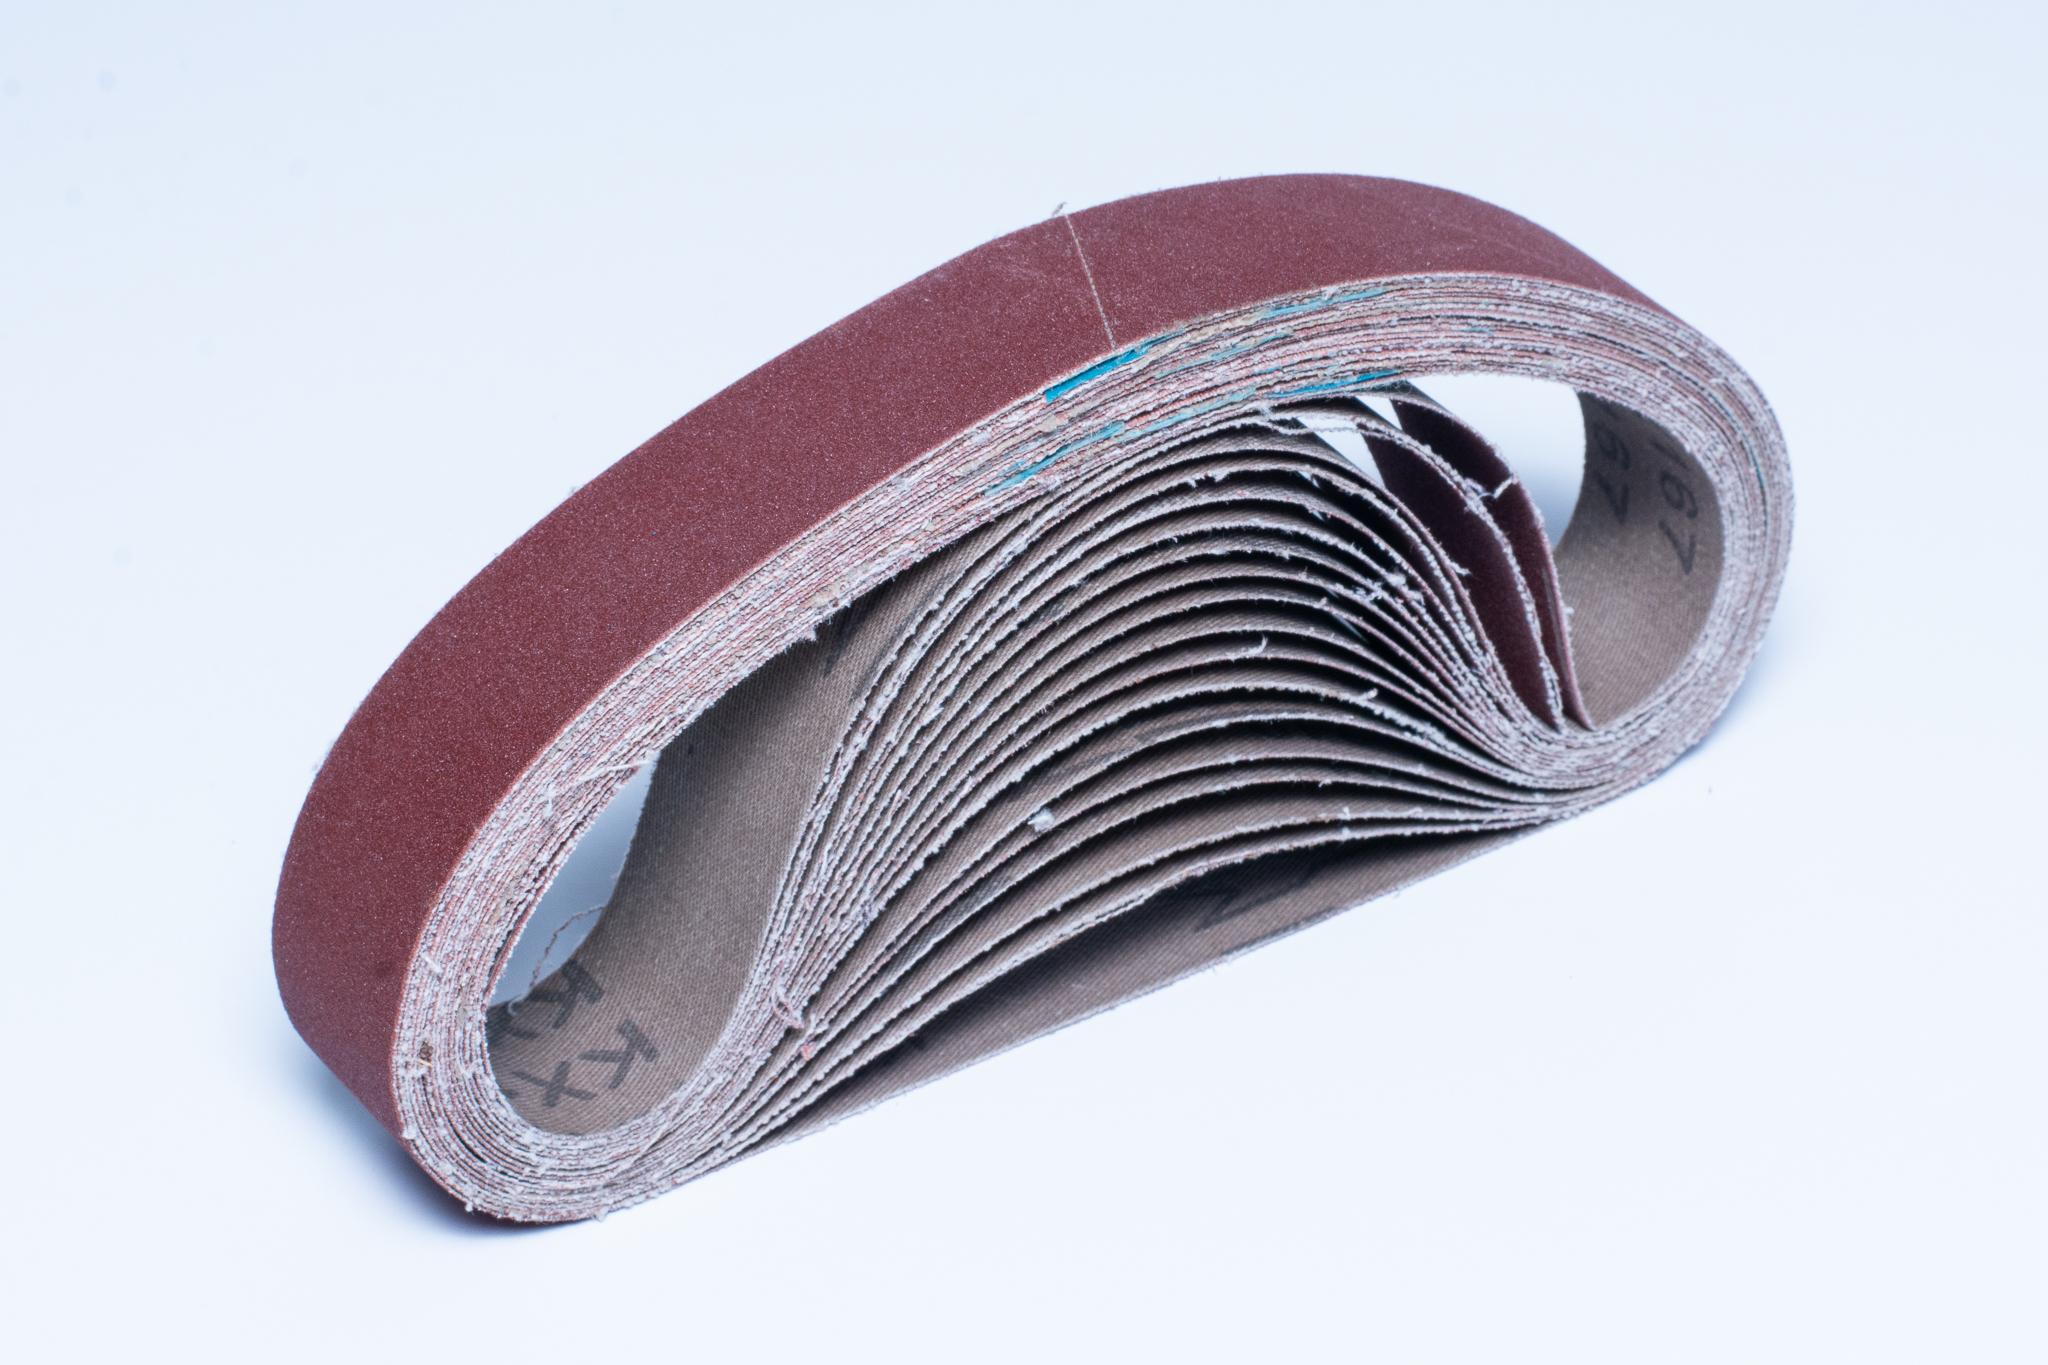 Rebuff-alox-belts